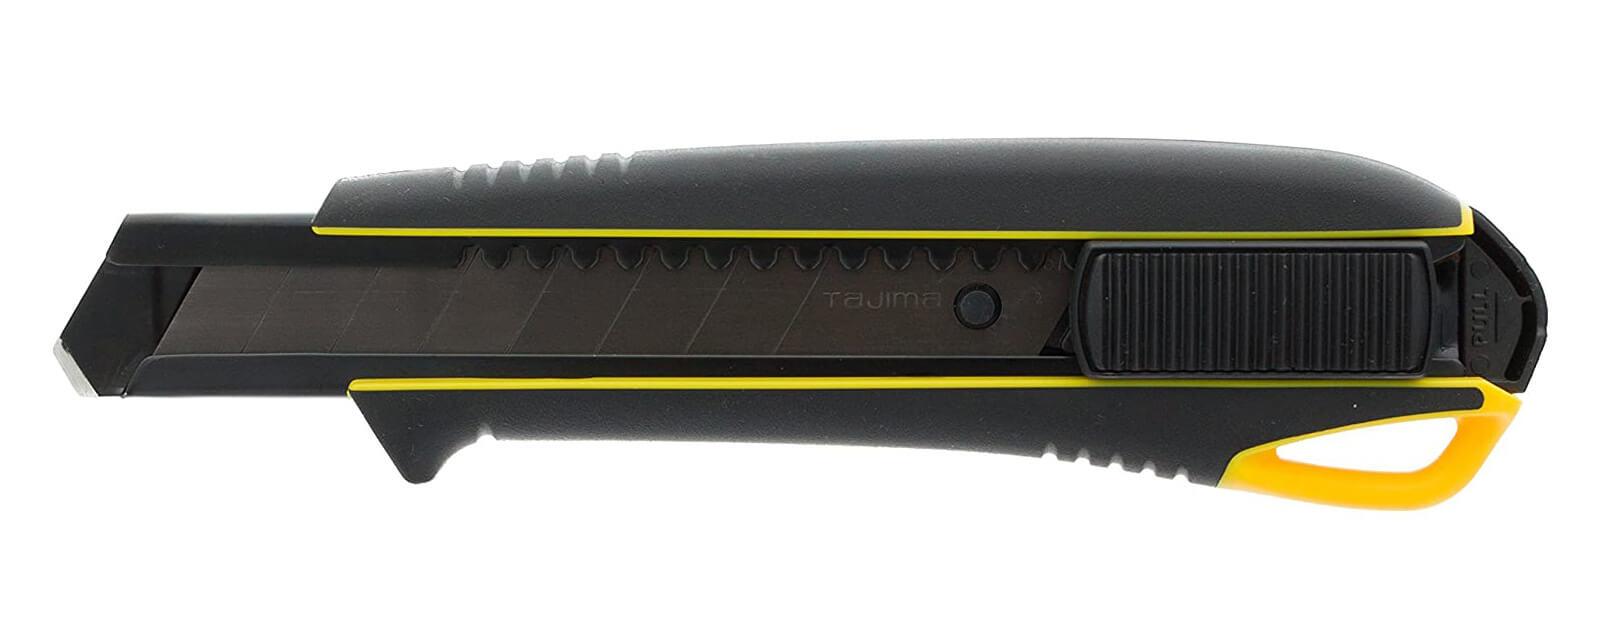 C061-Cuttermesser-Profi-Tajima-18mm-CURT-tools_1600